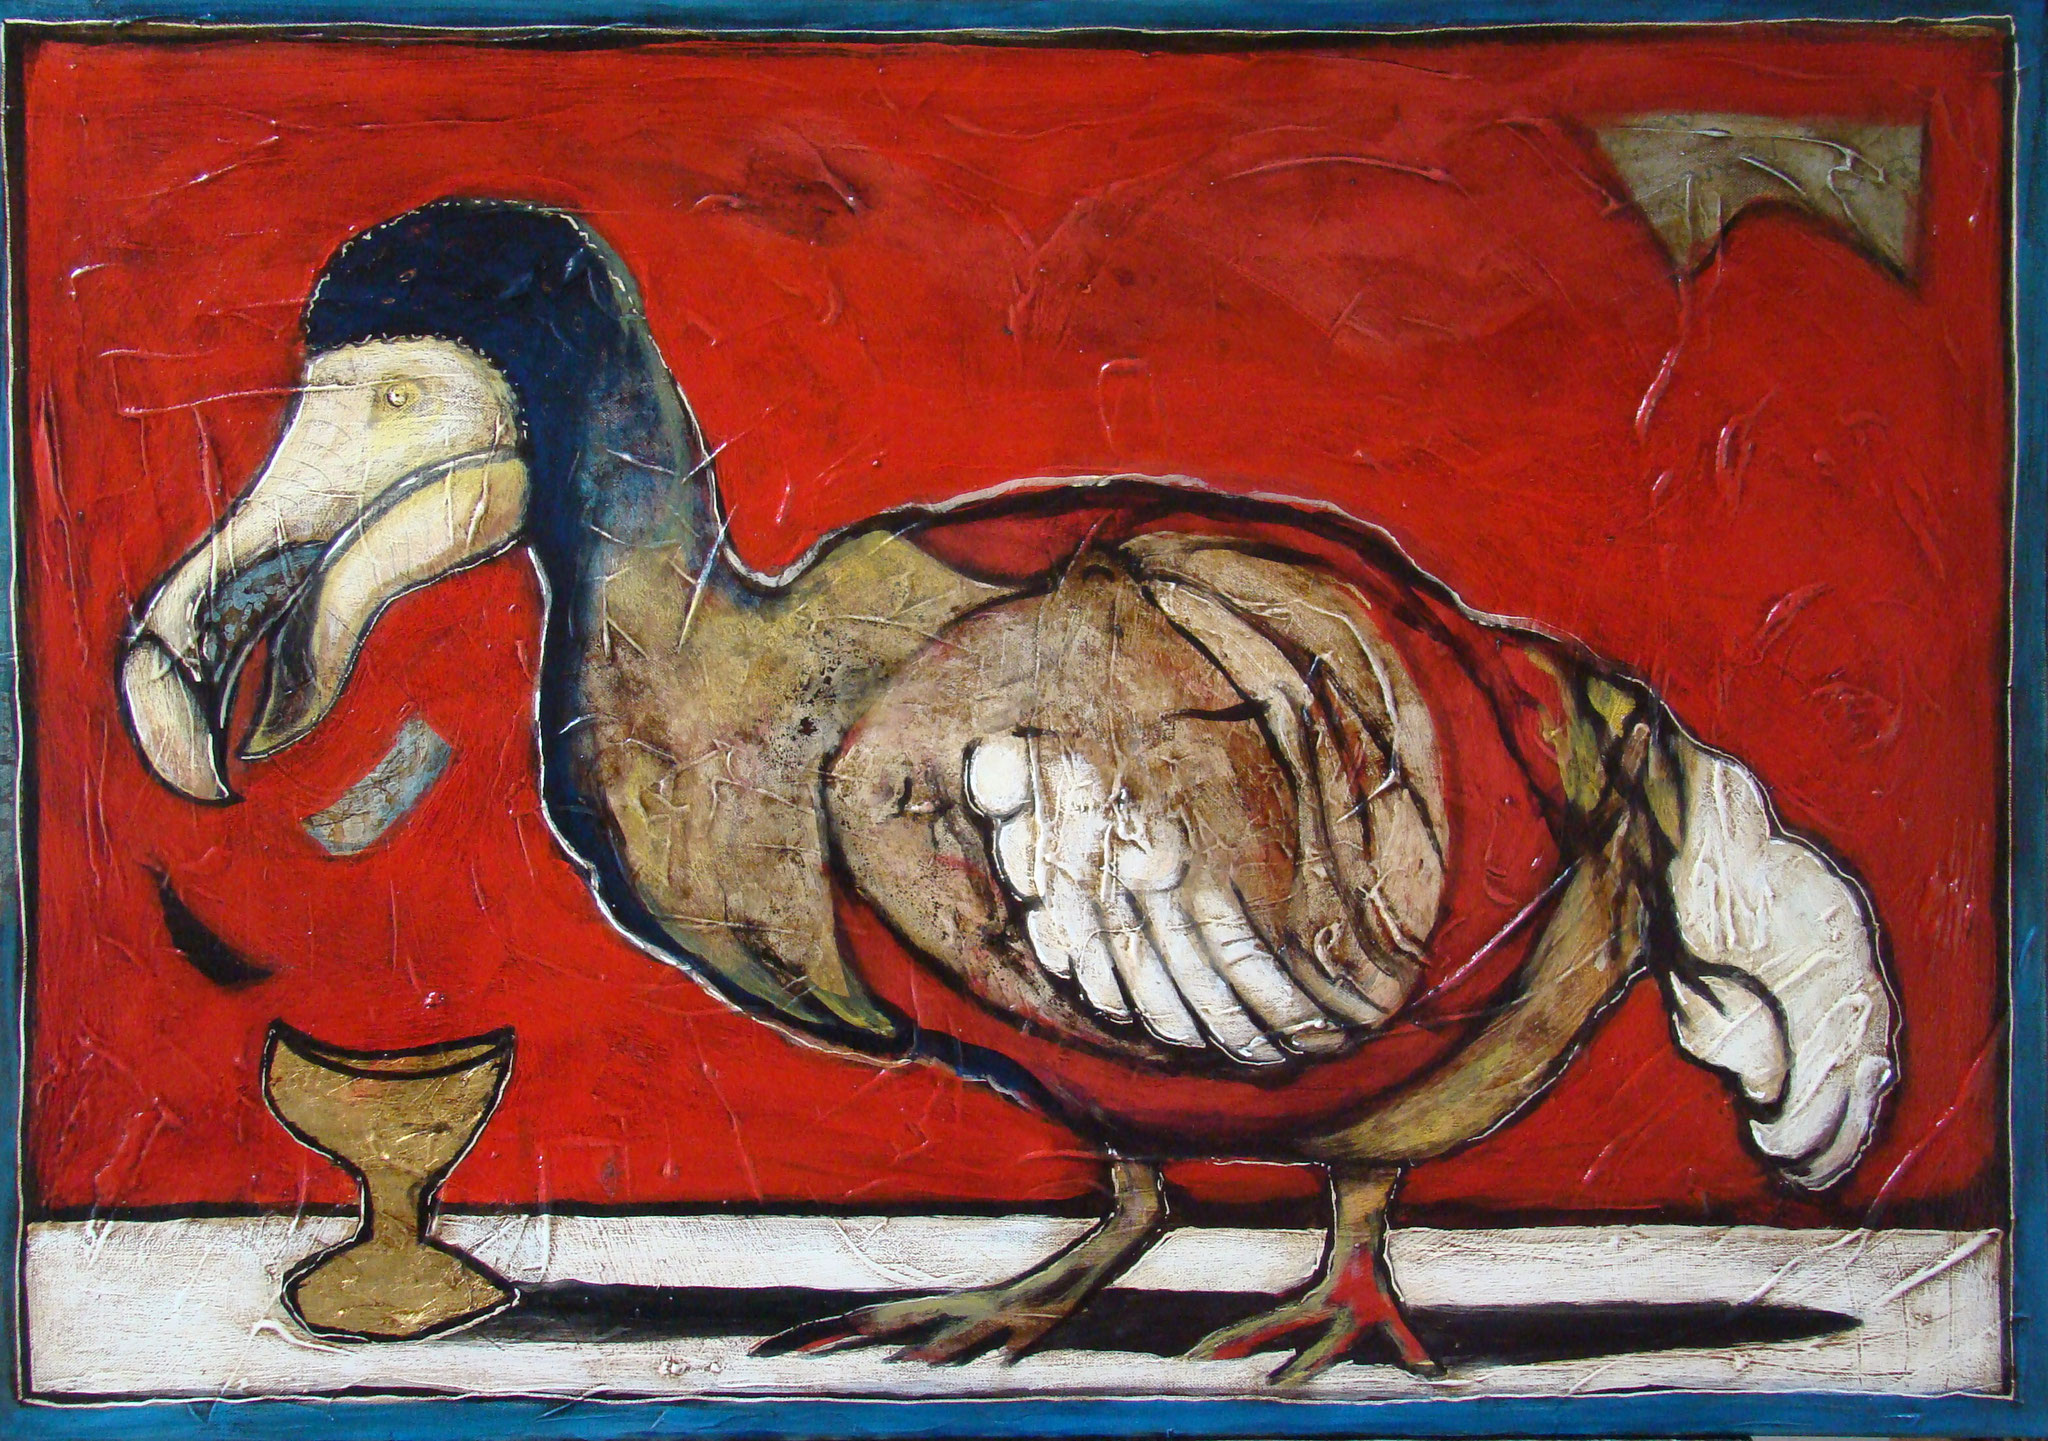 Mauritianische Gralssuche, 72 x 102 cm, 2016